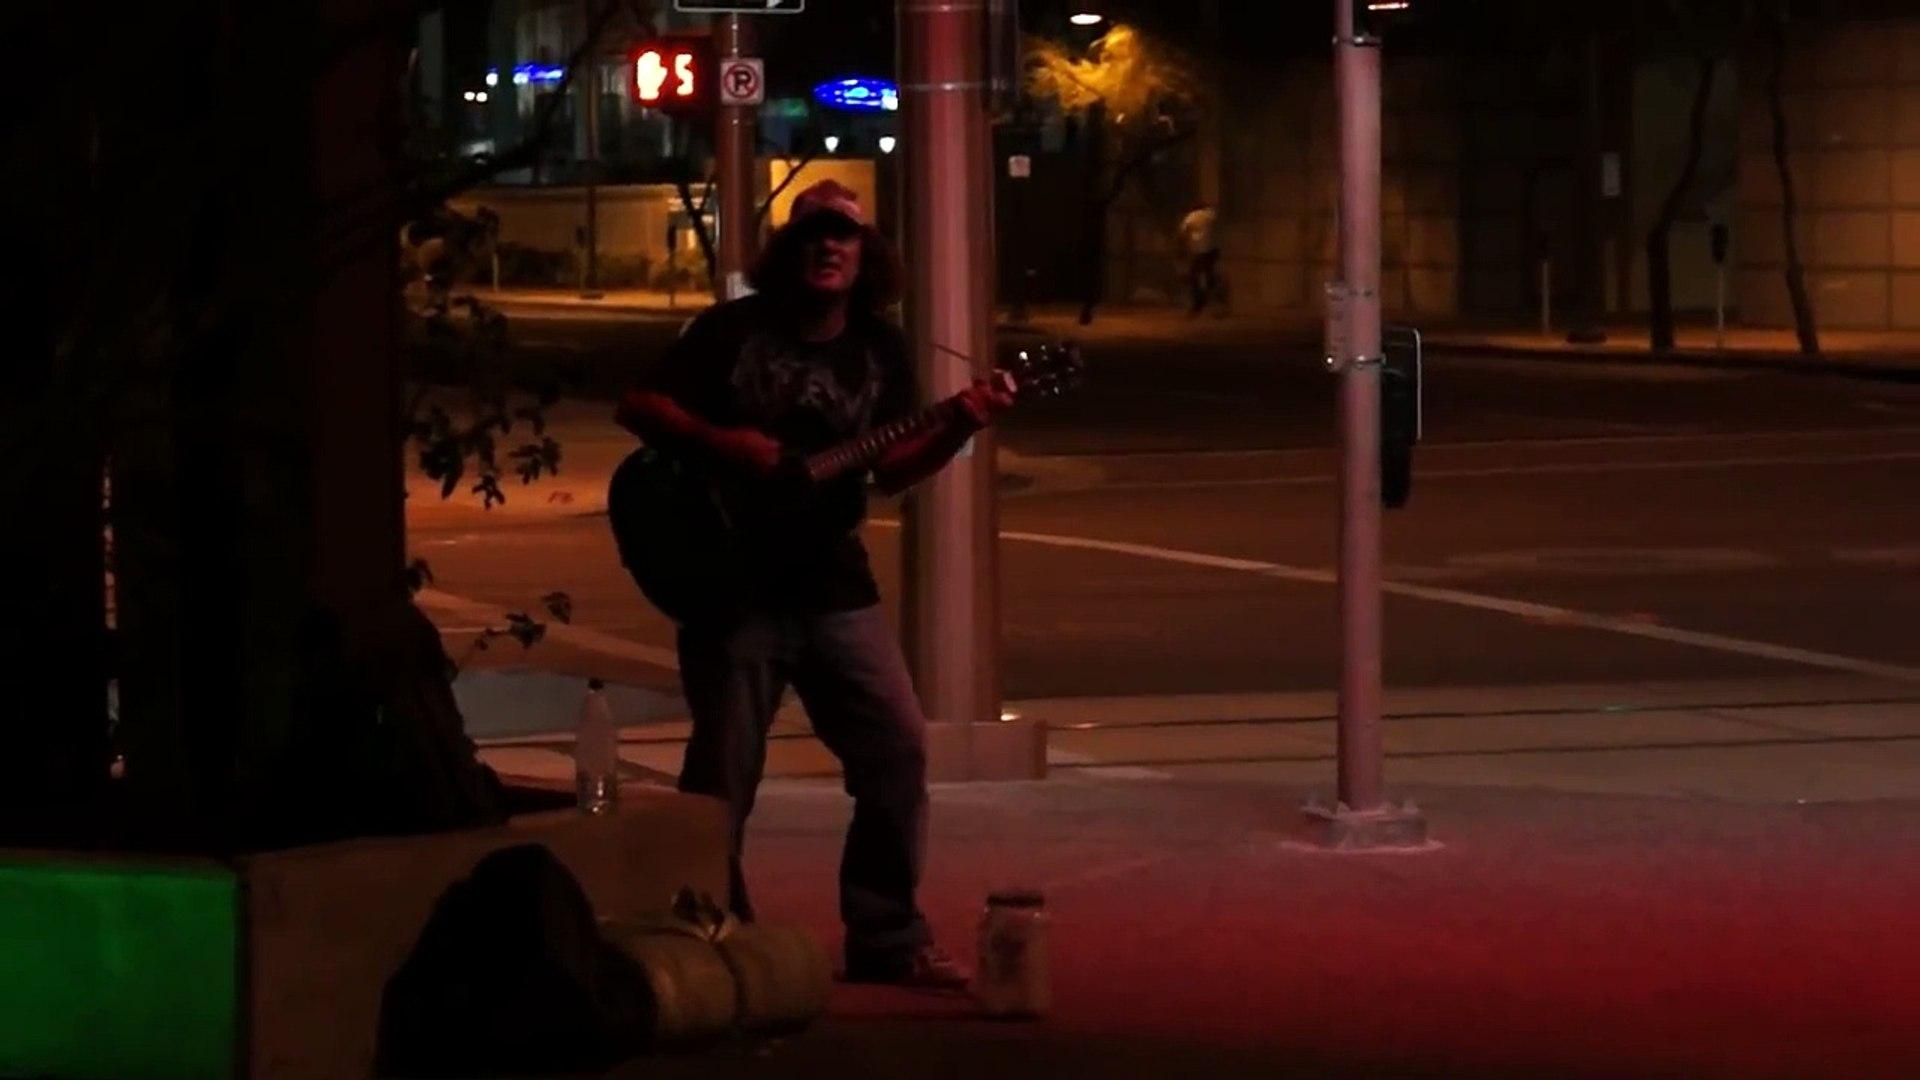 Phoenix Street Musician, Singer, Guitarist, 2012, 05/24 23:33:33